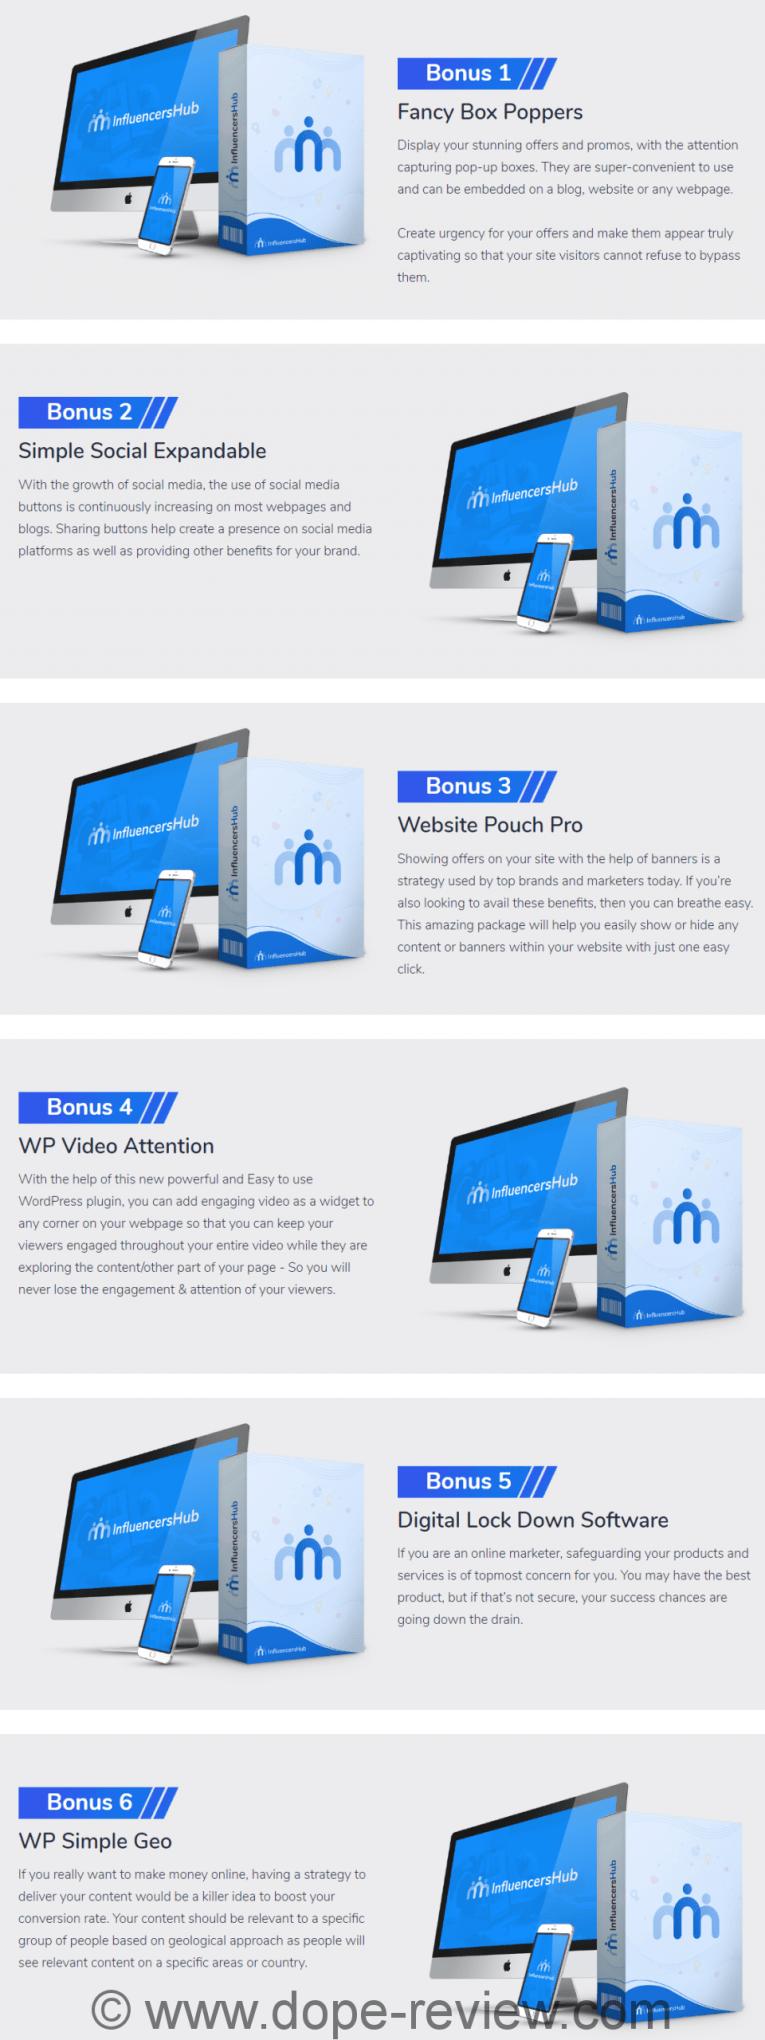 Influencer Hub Bonus